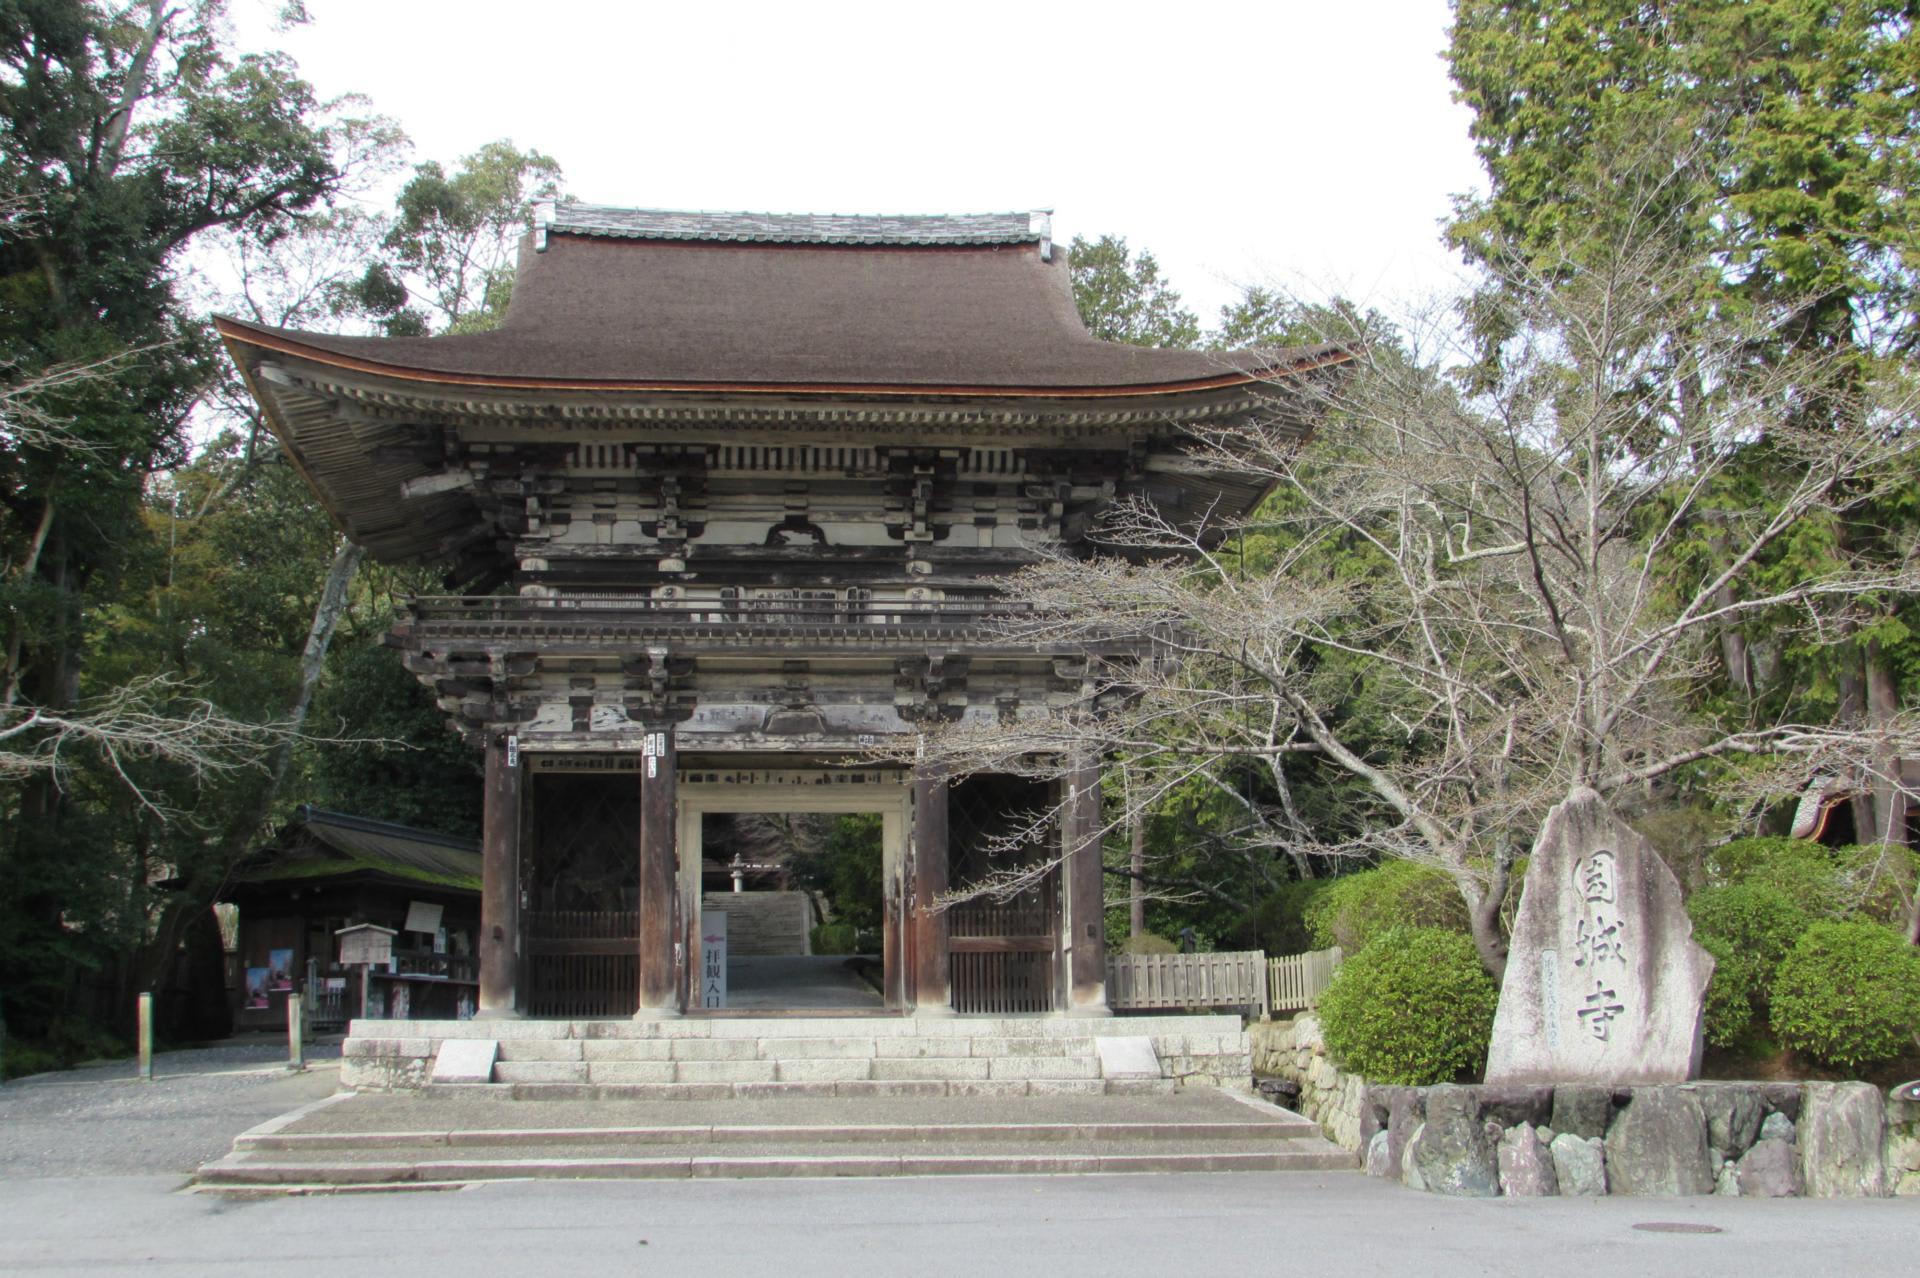 園城寺(三井寺) - 旅行 写真で紹...